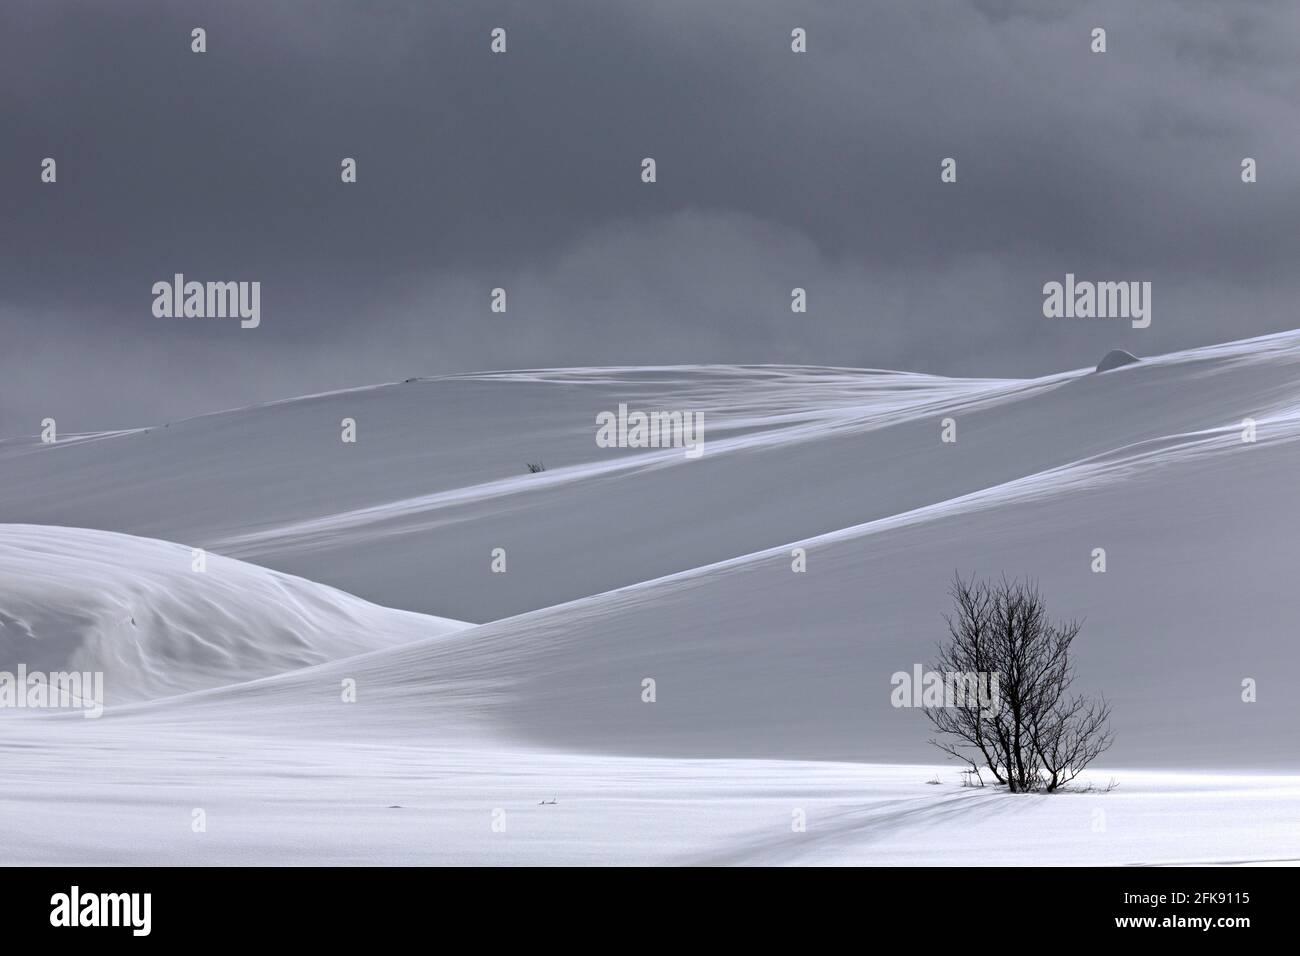 Bouleau solitaire dans un paysage enneigé dans le parc national de Dovrefjell–Sunndalsfjella en hiver, en Norvège Banque D'Images